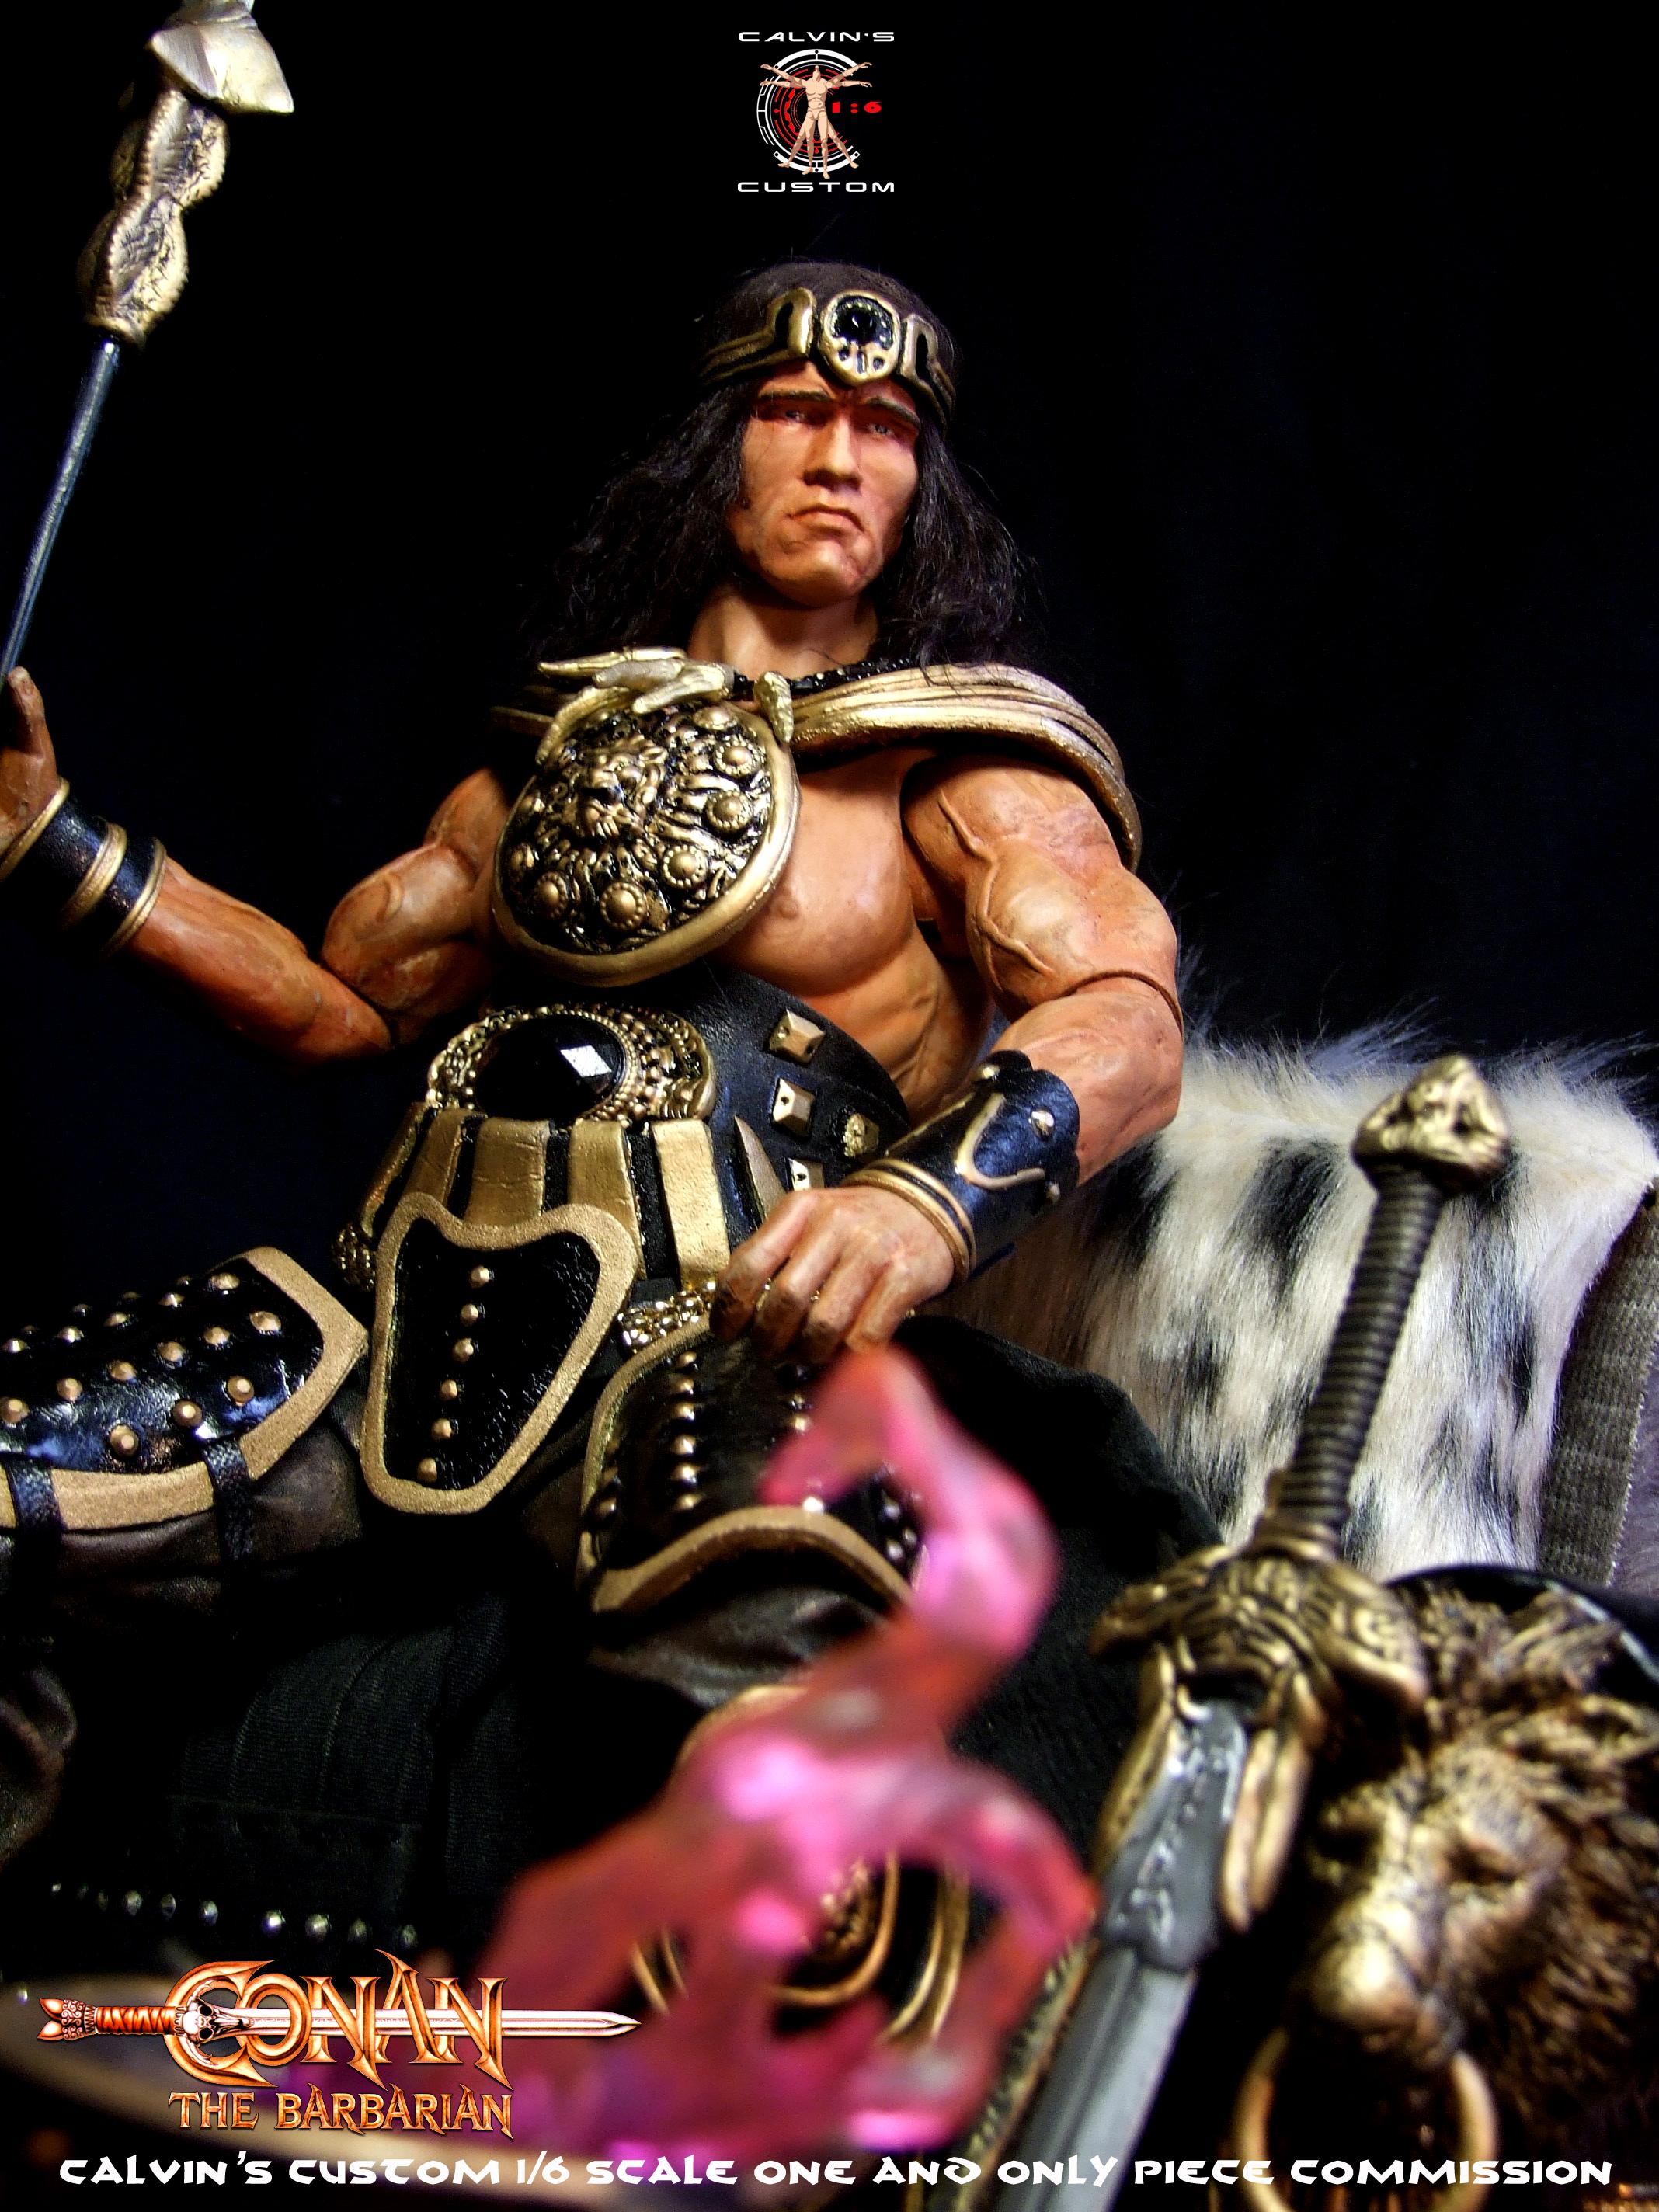 Calvin's Custom 1/6 one sixth scale Arnold Schwarzenegger as King Conan, based on Conan the Barbaria